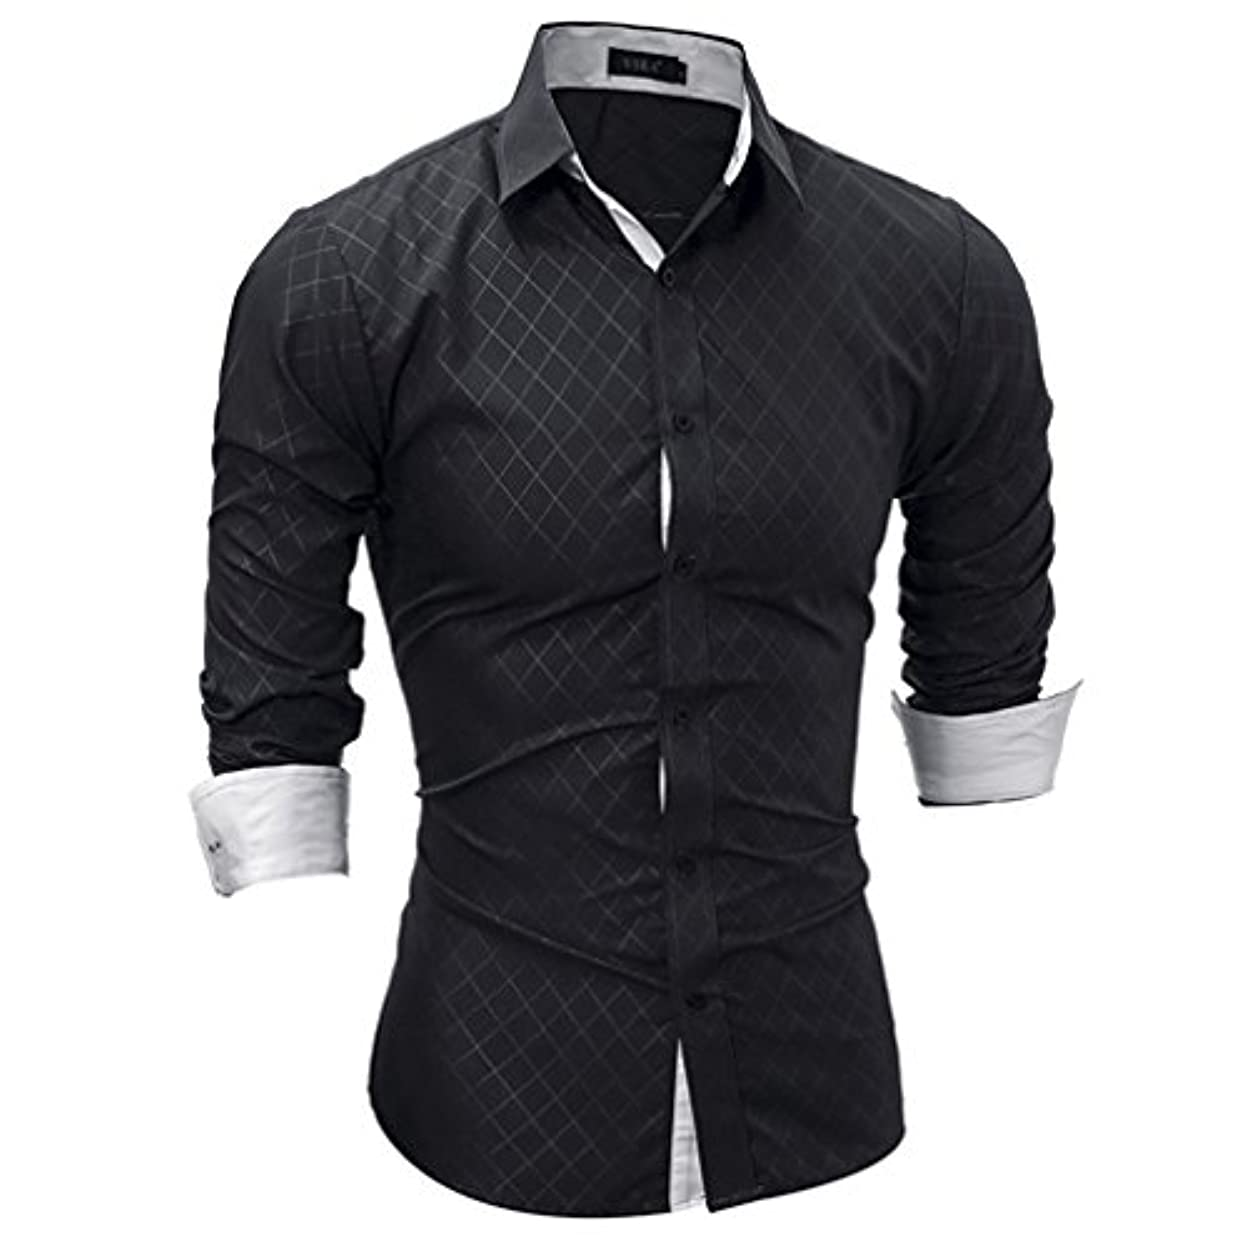 一晩モンスター理想的Honghu メンズ シャツ 長袖 裏地付き チェック柄 カジュアル  ブラック L 1PC